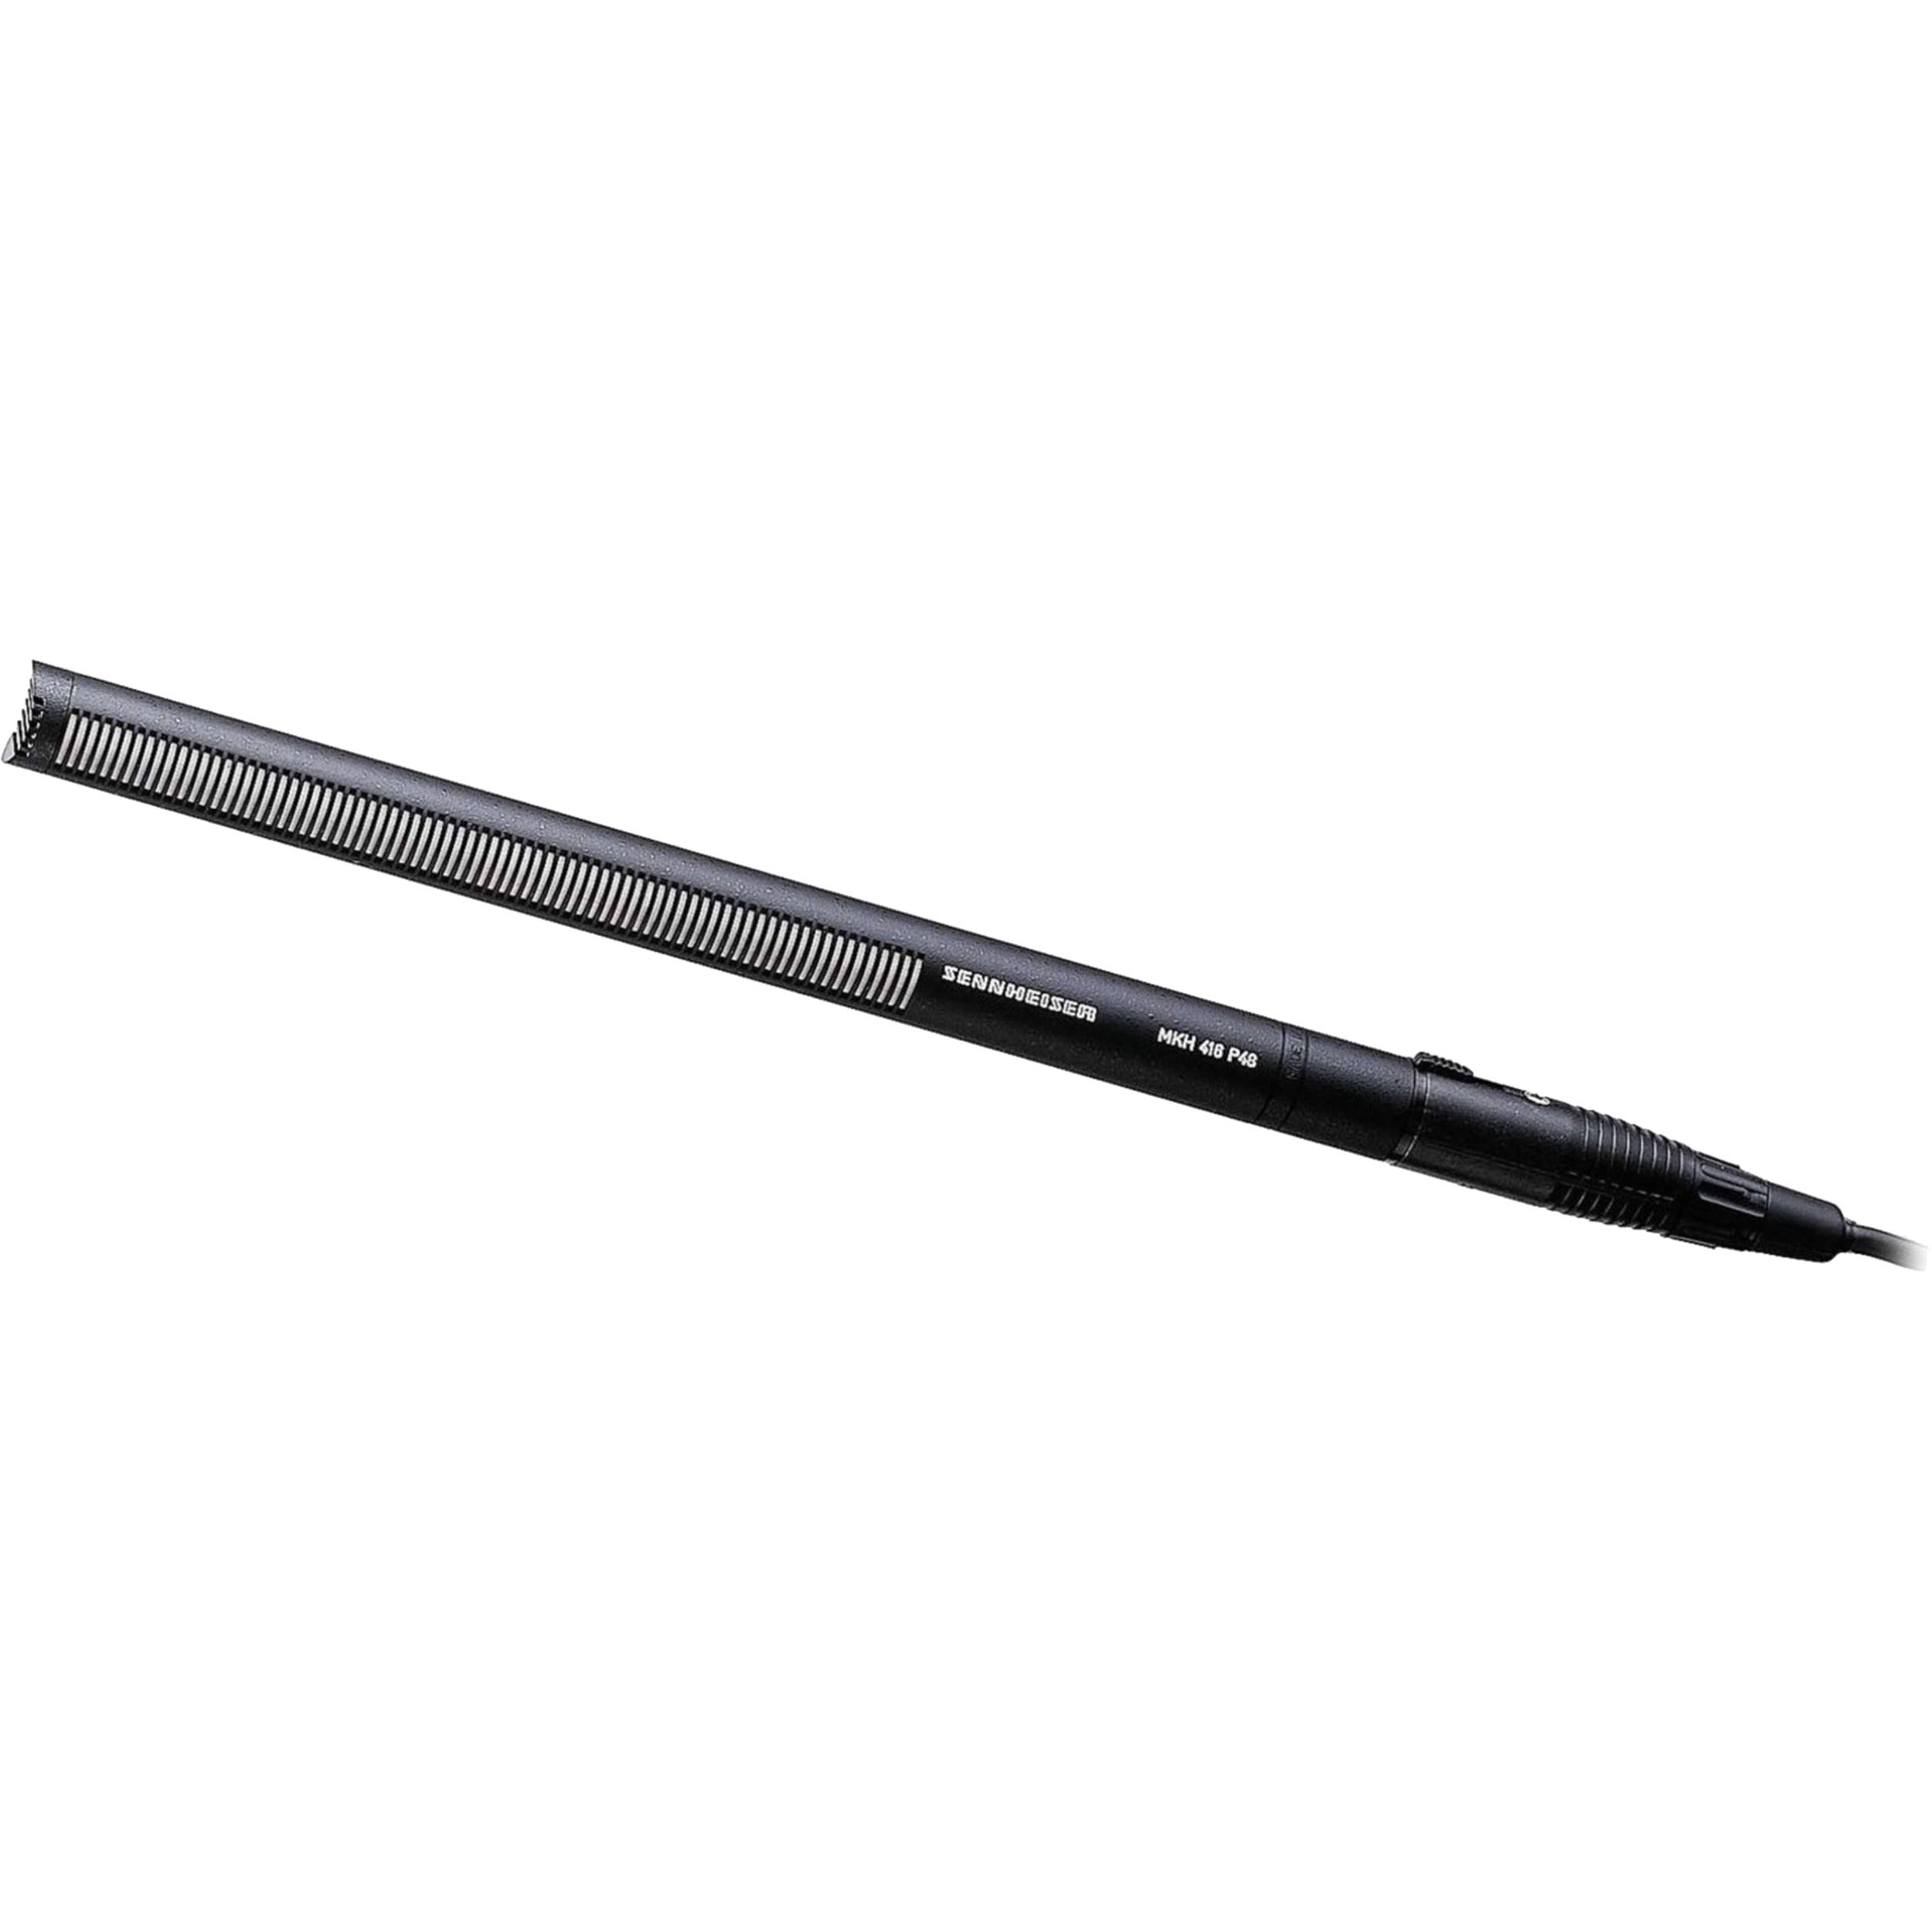 Sennheiser 418 Wiring Diagram And Schematics Microphone Mkh 416 Short Shotgun Interference